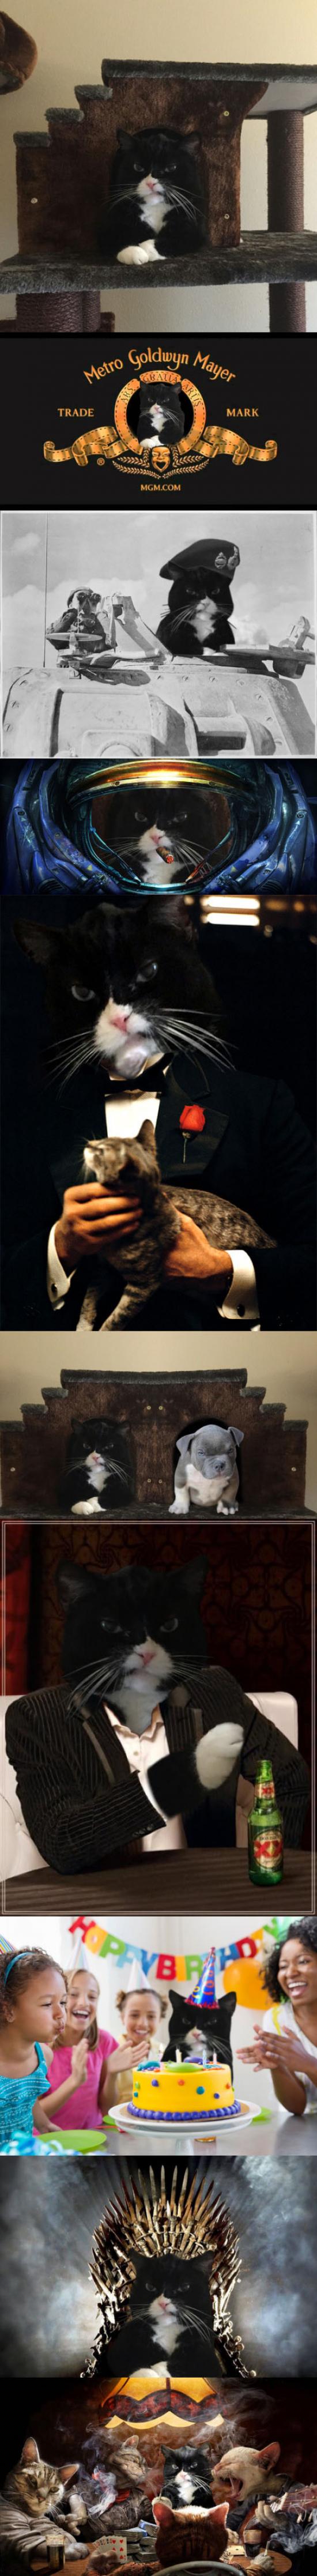 Meme_otros - Este gato llena internet de montajes después de ser pillado enfadado